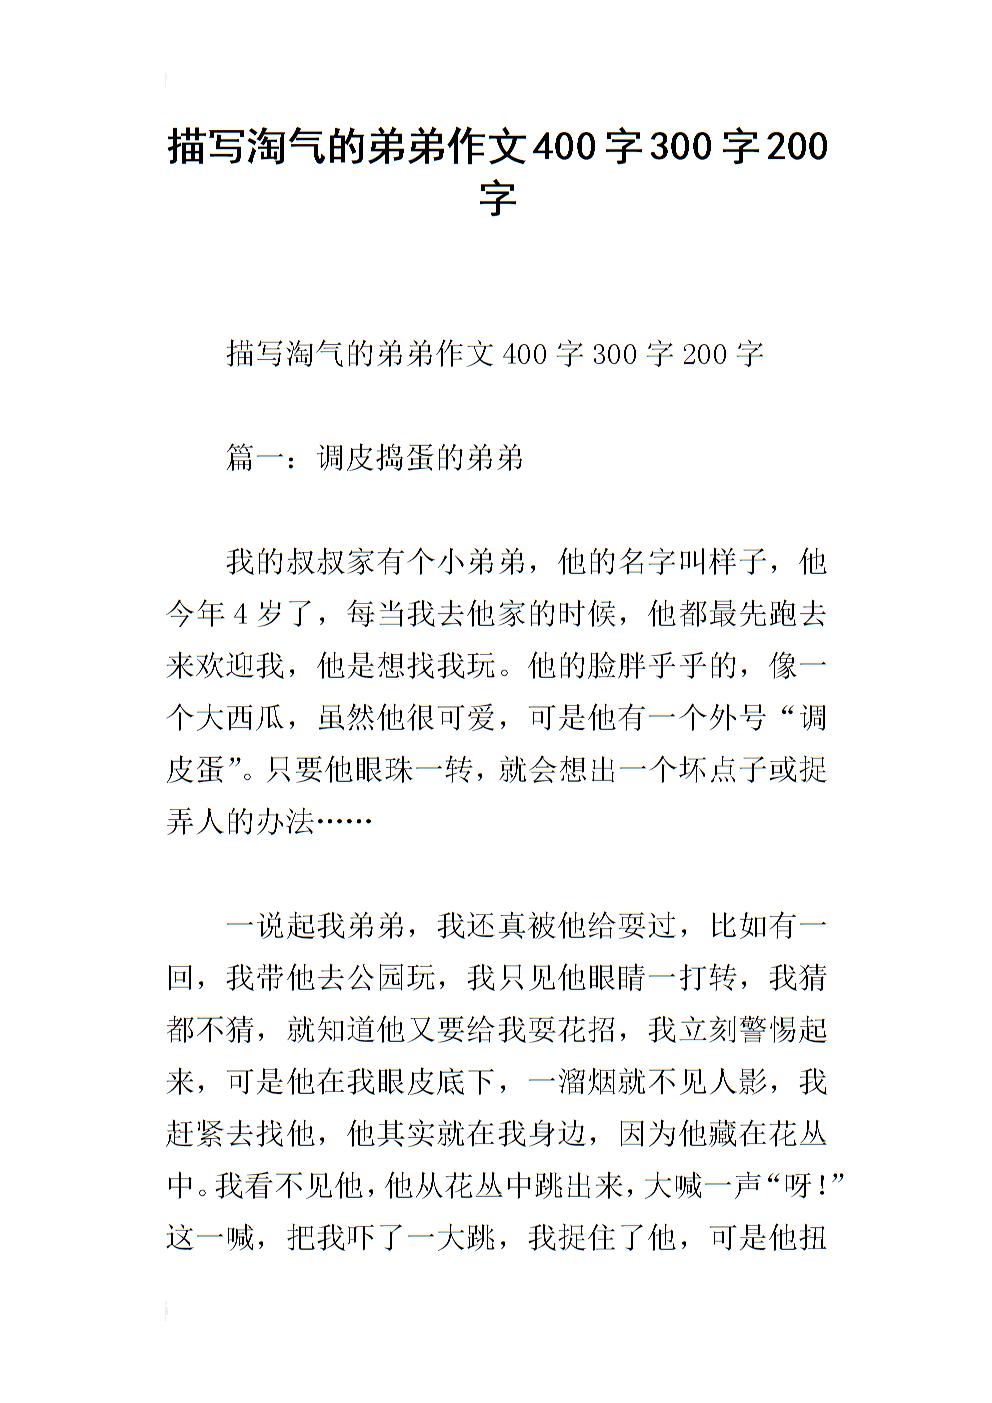 描写淘气的弟弟作文400字300字200字.docx中职课堂教学ppt图片